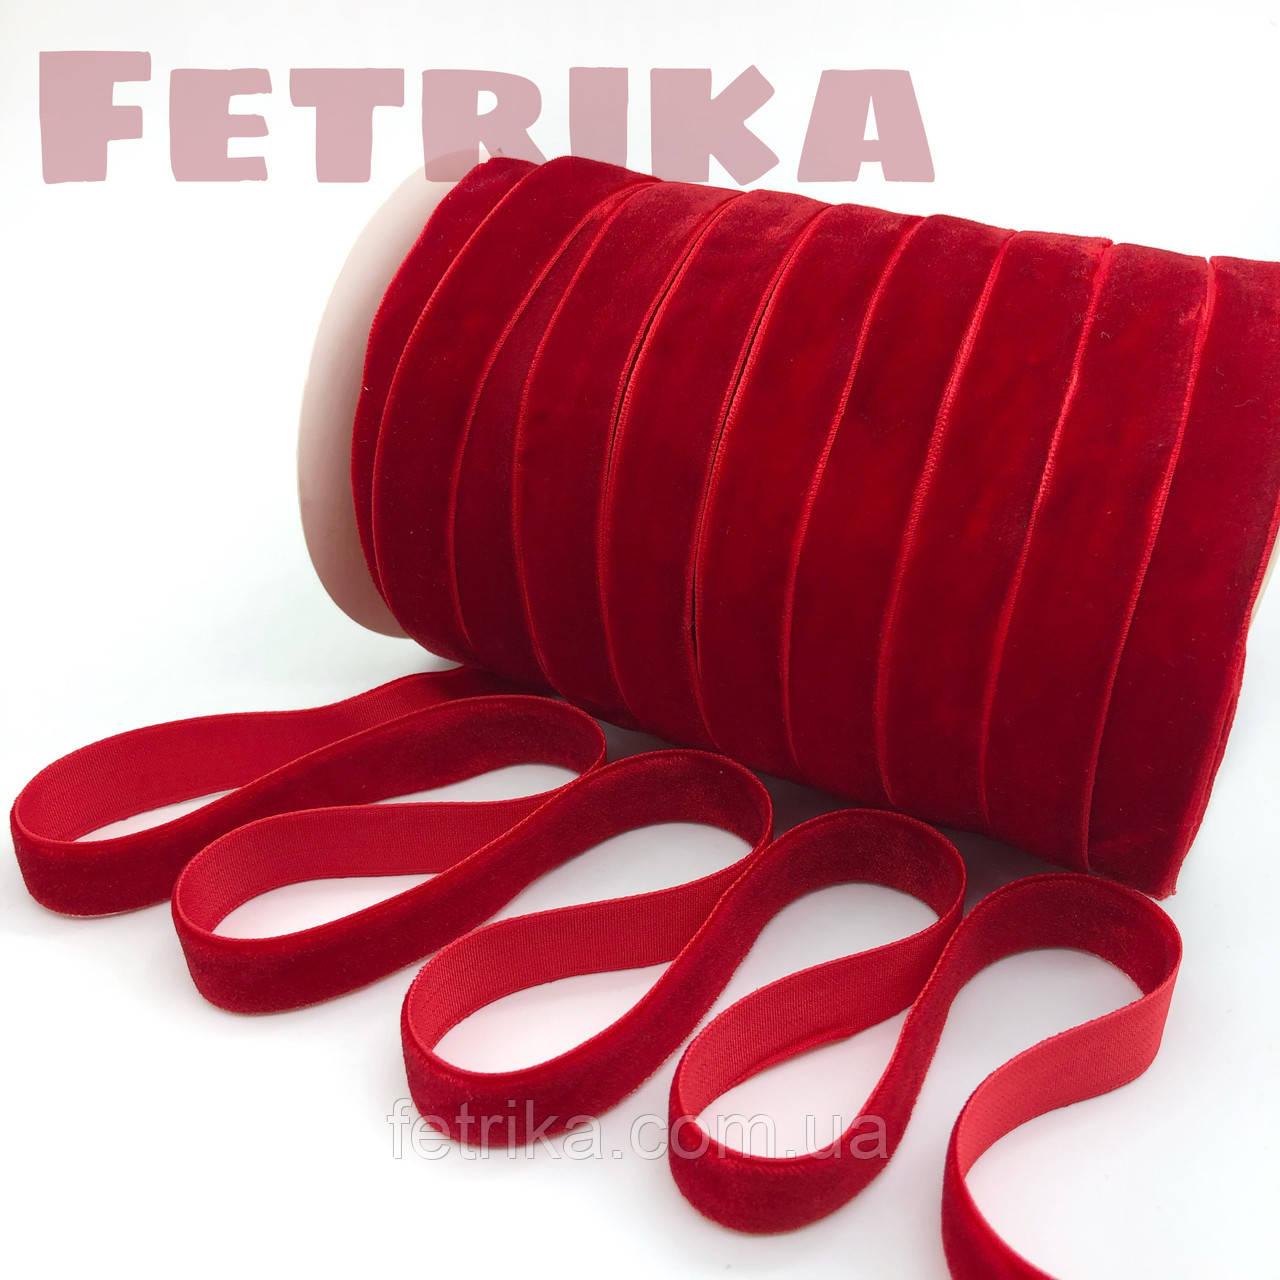 Лента бархатная 1,5 см, красная